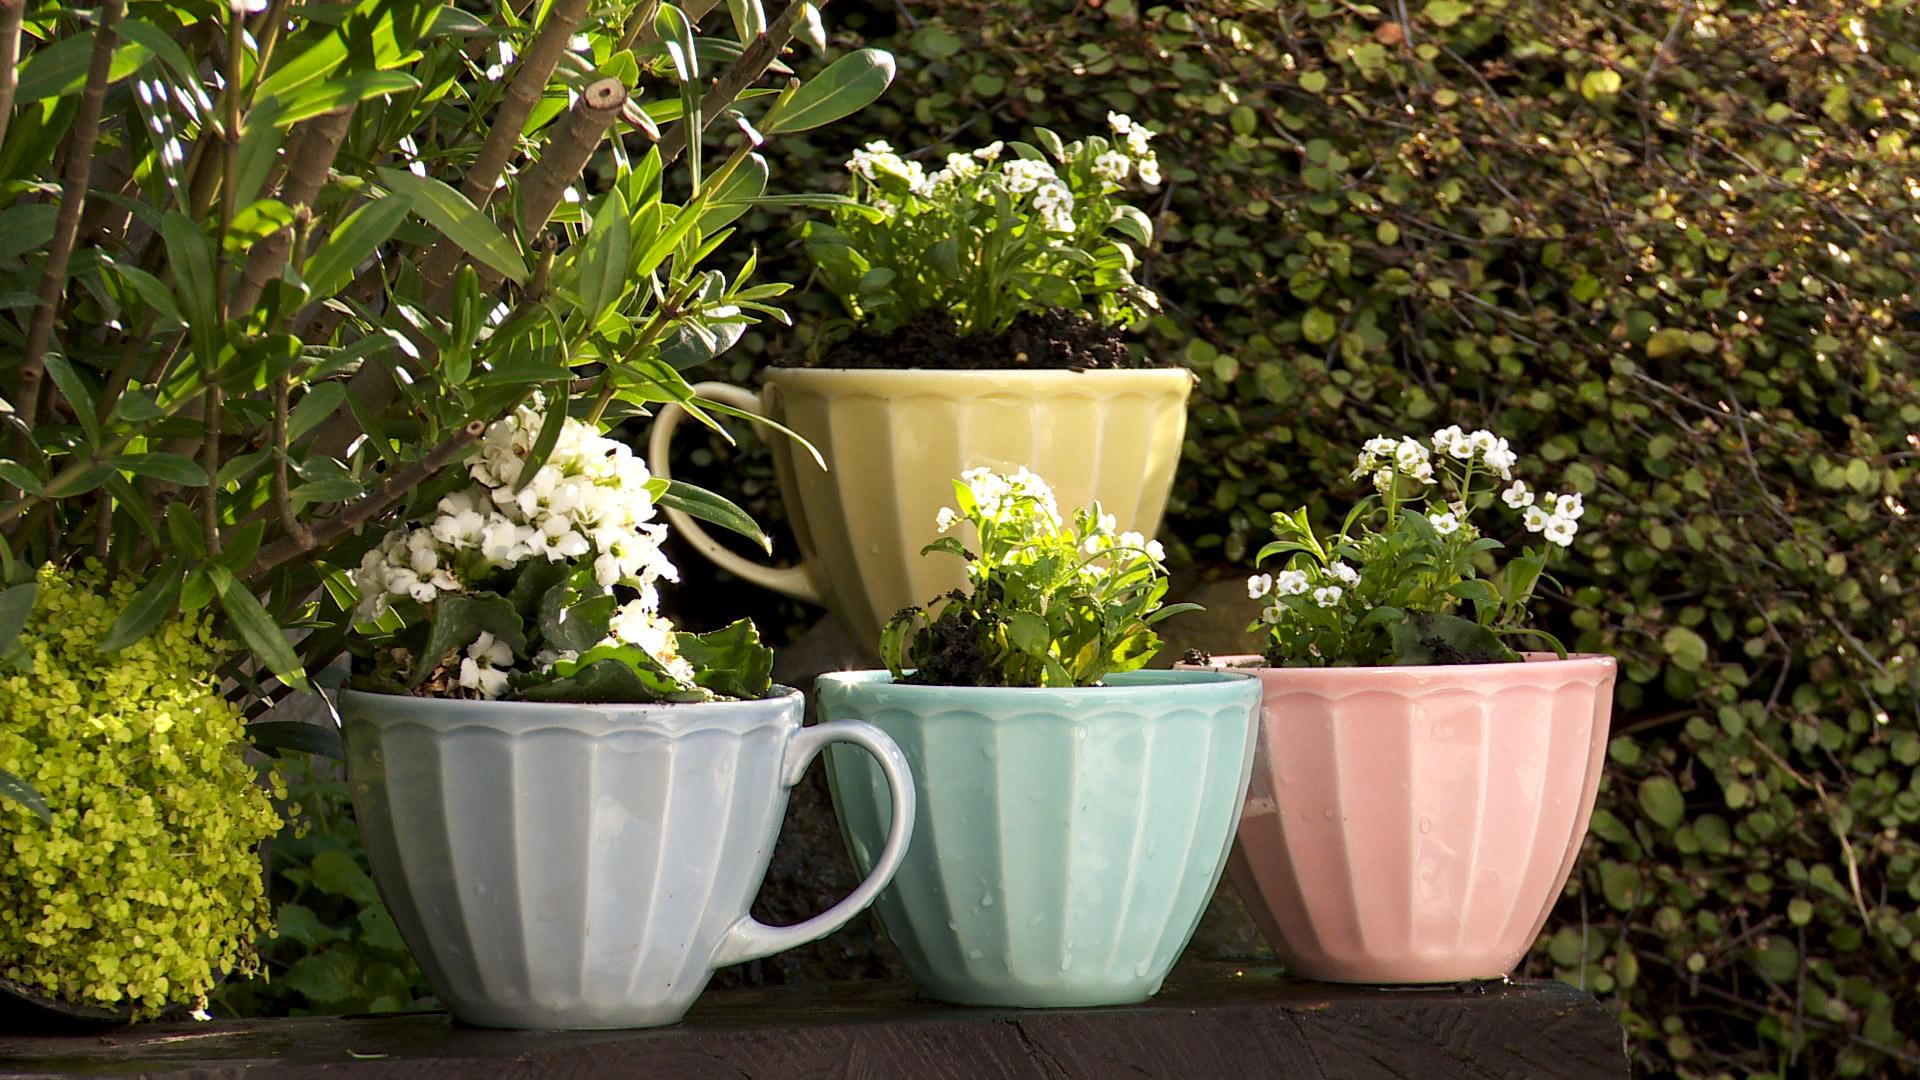 Muchas veces tenemos recipientes antiguos que nos gustan mucho pero no lucimos y suelen terminar guardados o en la basura. Una buena alternativa para utilizarlos es convertirlos en maceteros. Así, se lucirán de manera especial en el jardín o una terraza, escapando de los formatos convencionales para disponer las plantas.